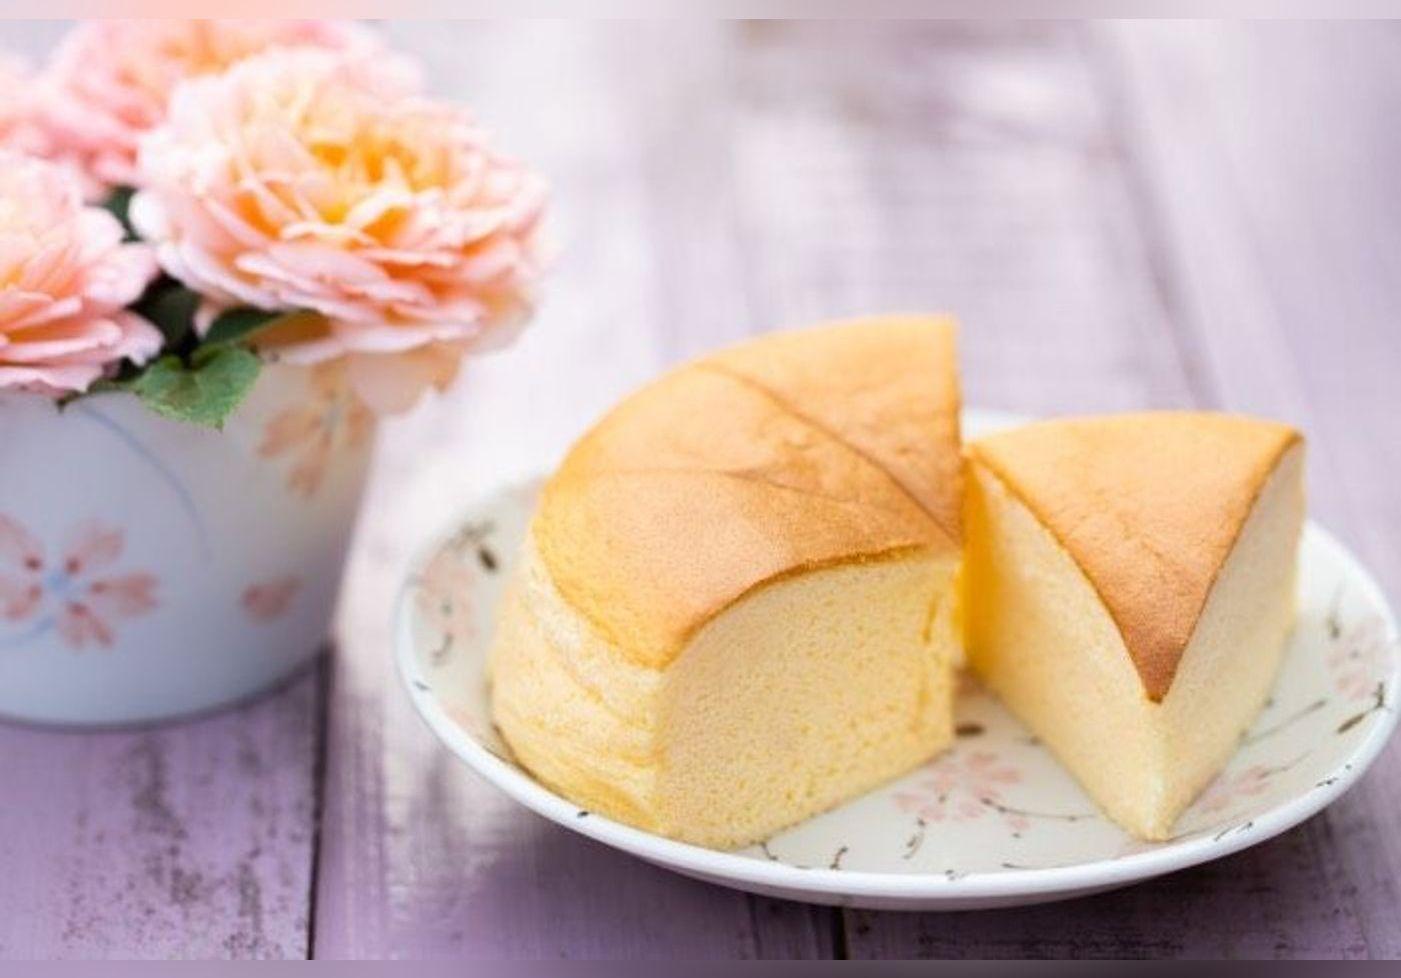 Ce cheesecake japonais réalisé avec seulement 3 ingrédients fait un carton sur Internet